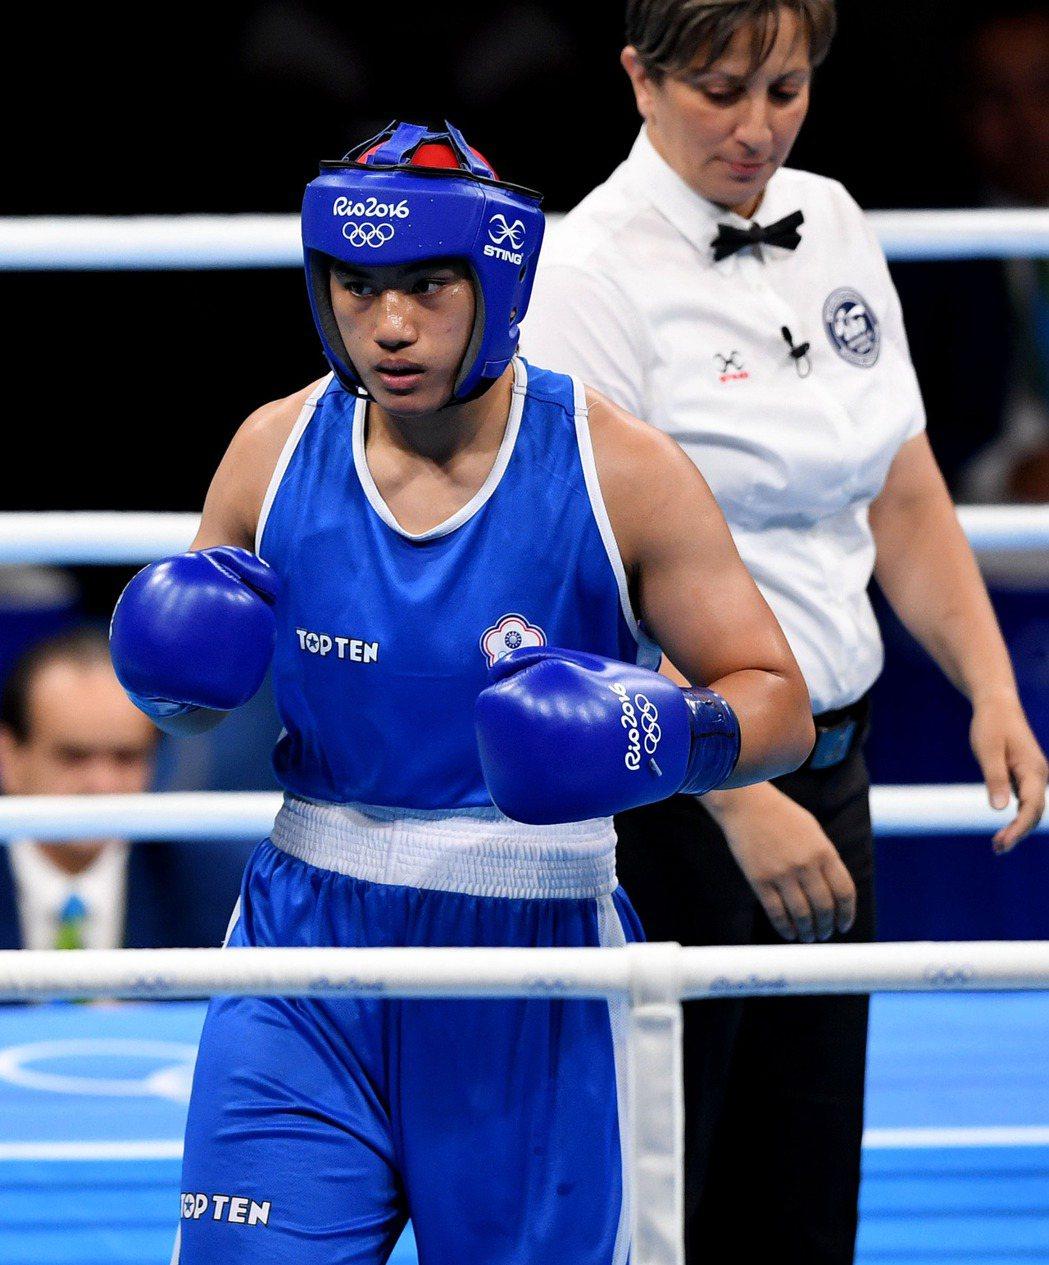 奧運拳擊女子69-75公斤級預賽中,中華選手陳念琴不敵俄羅斯選手。 新華社